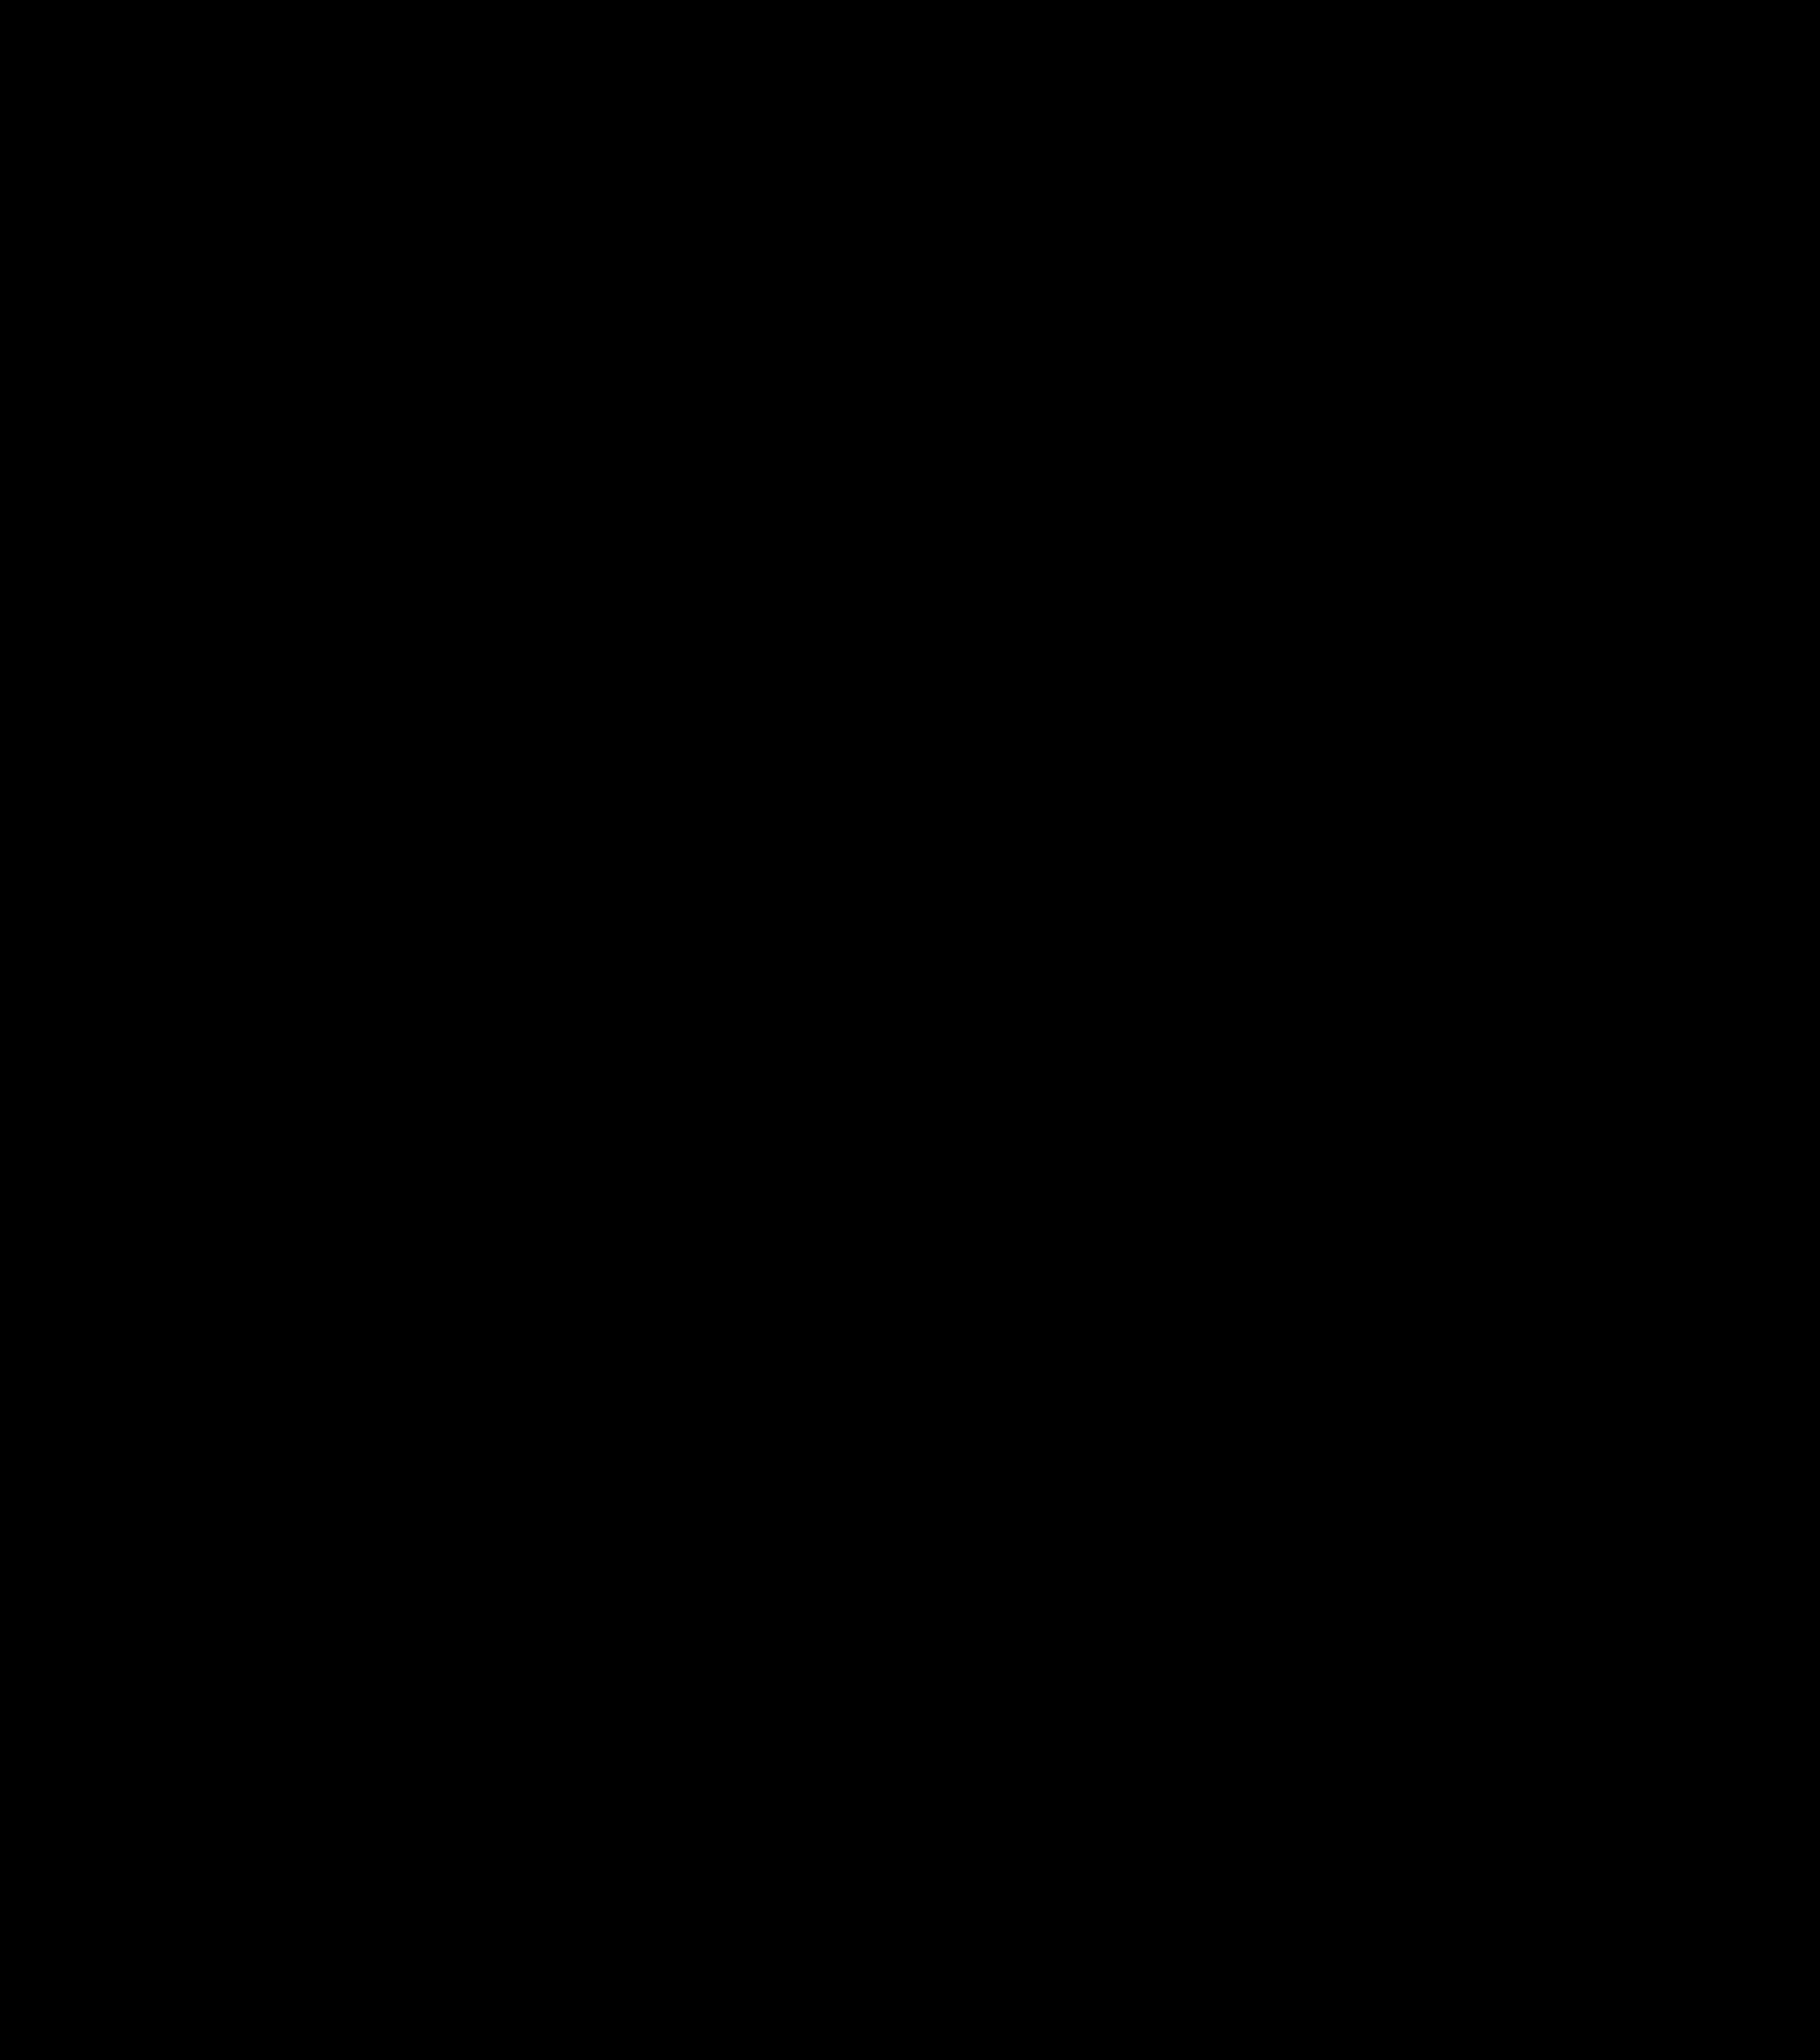 Nakahachi 240.